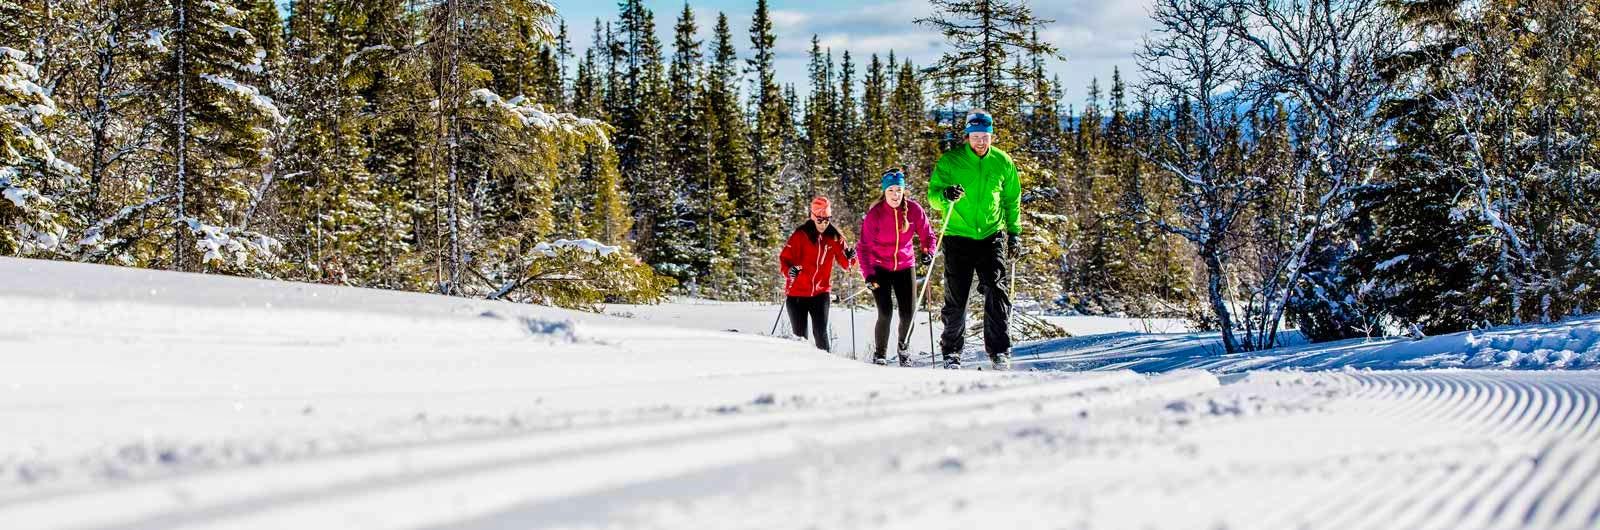 Cross-country skiiers in winter sun